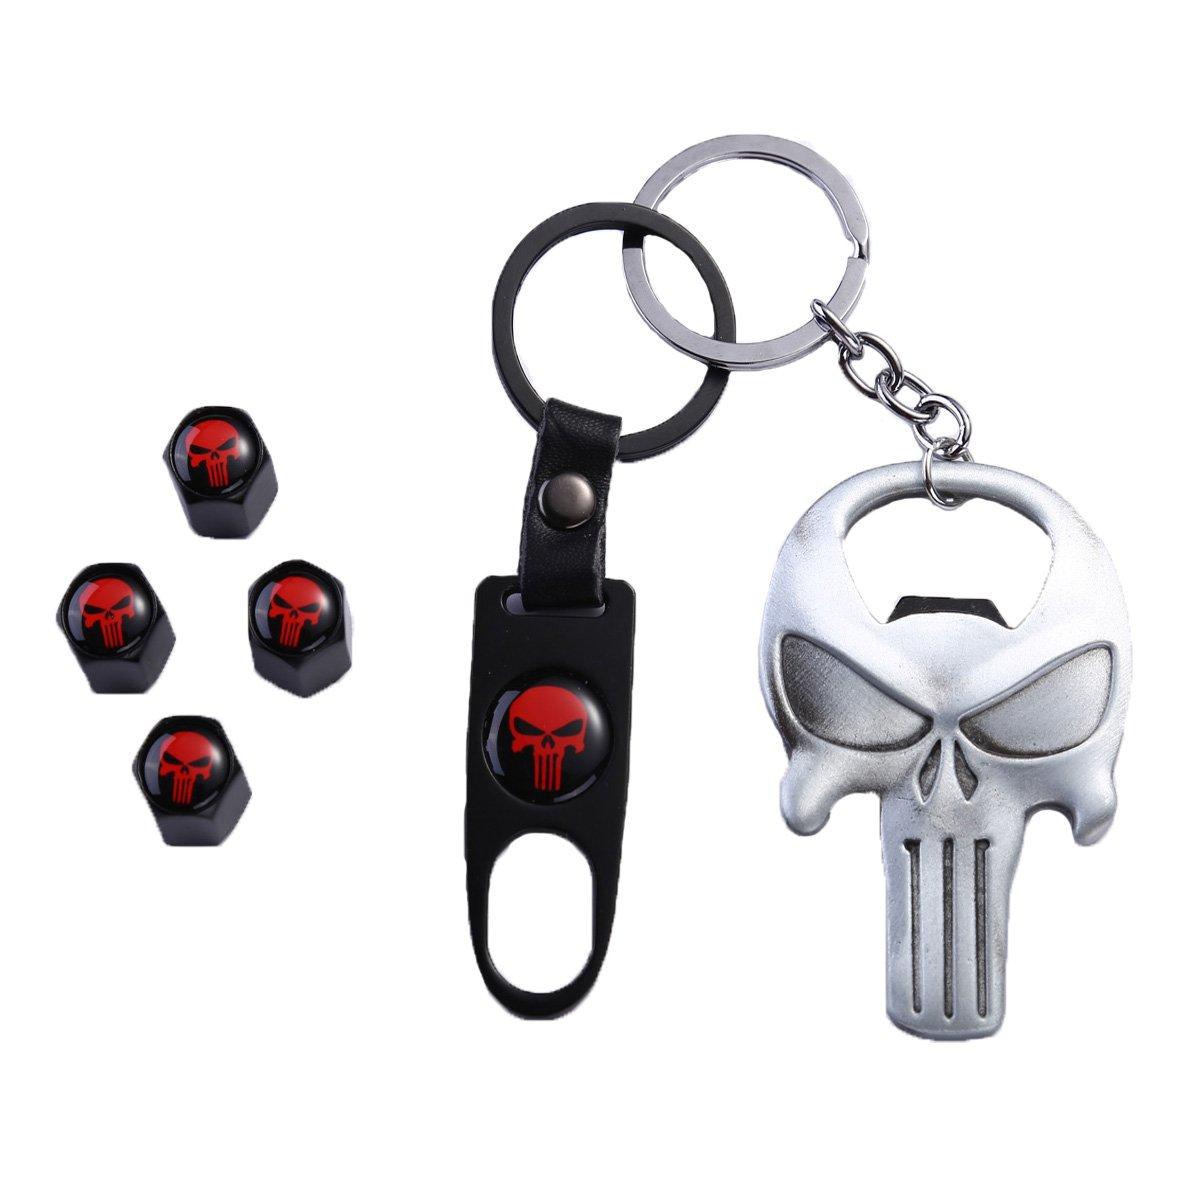 Dsycar Black Car Motorcycle Keychain Key Ring